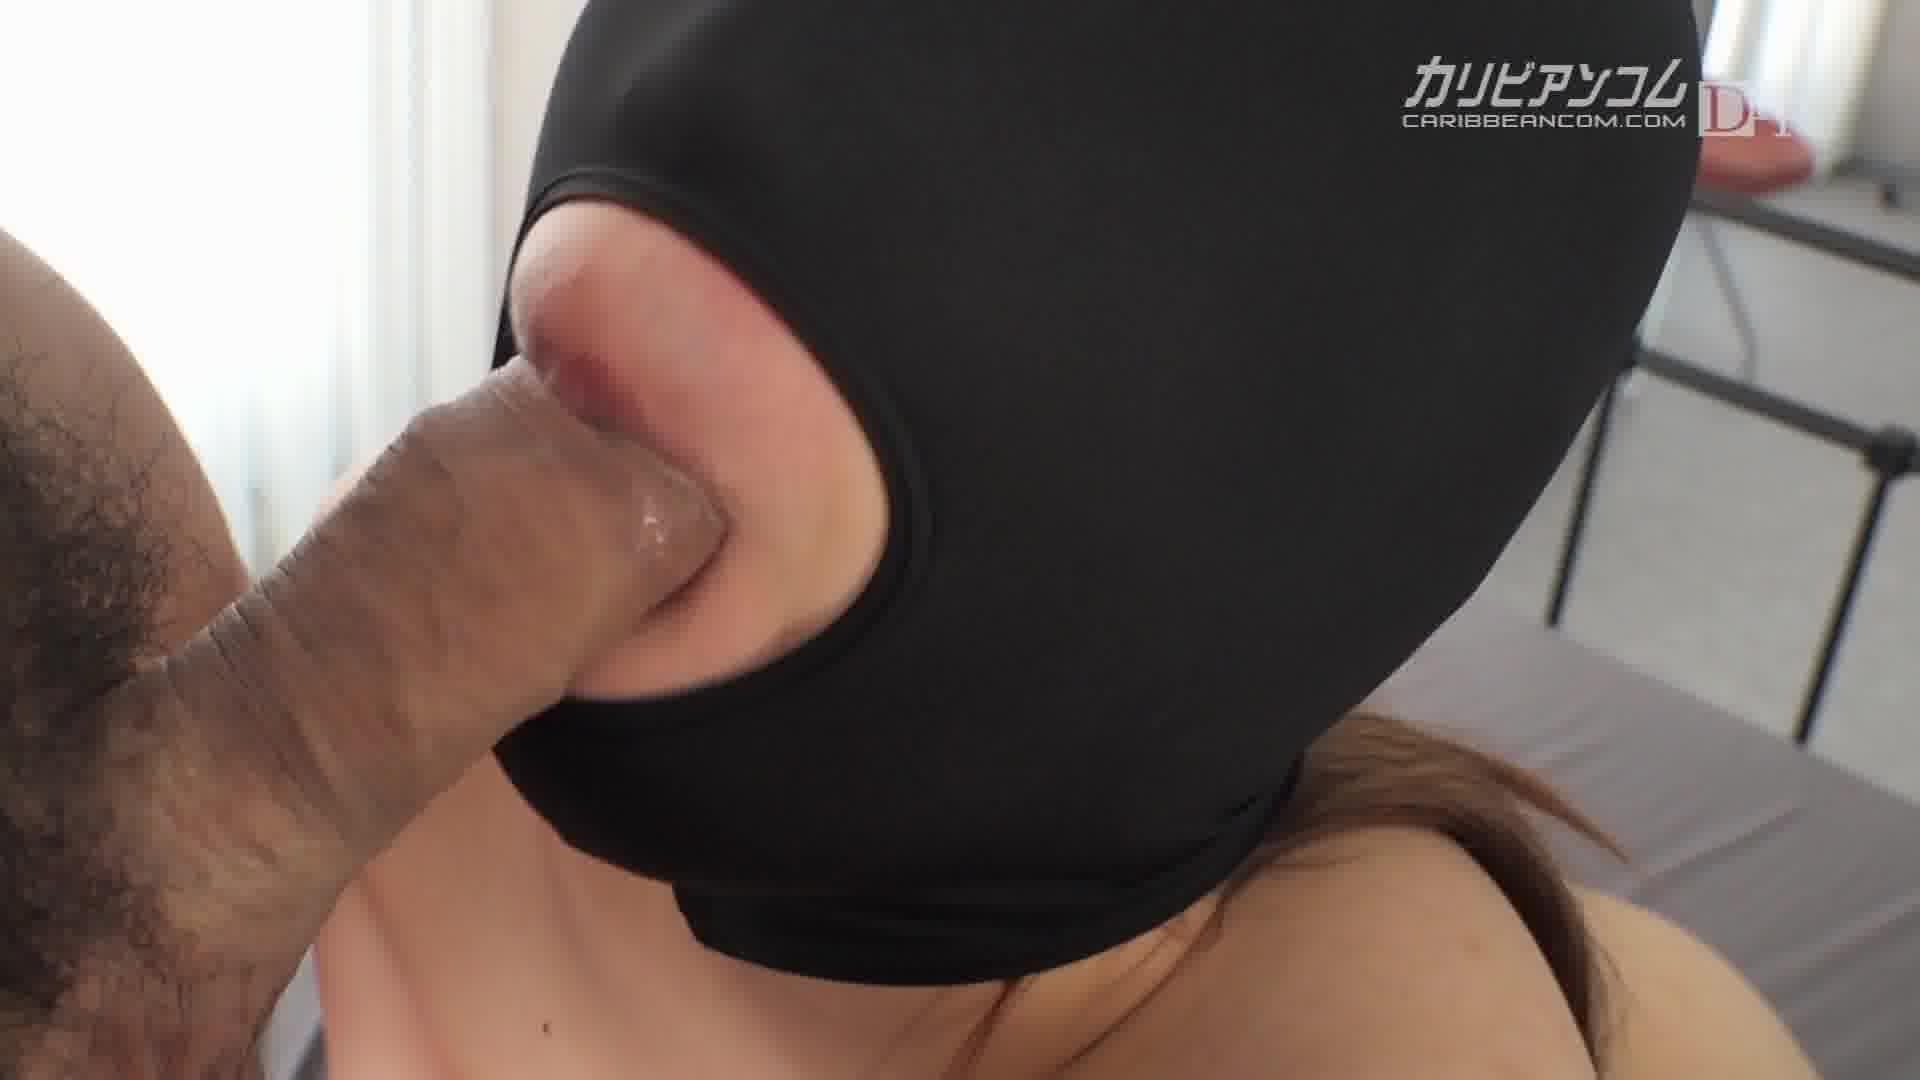 性欲処理マゾマスク ~お好きなだけマンコをお使い下さい~ - 性欲処理マゾマスク 01号【痴女・イラマチオ・潮吹き】